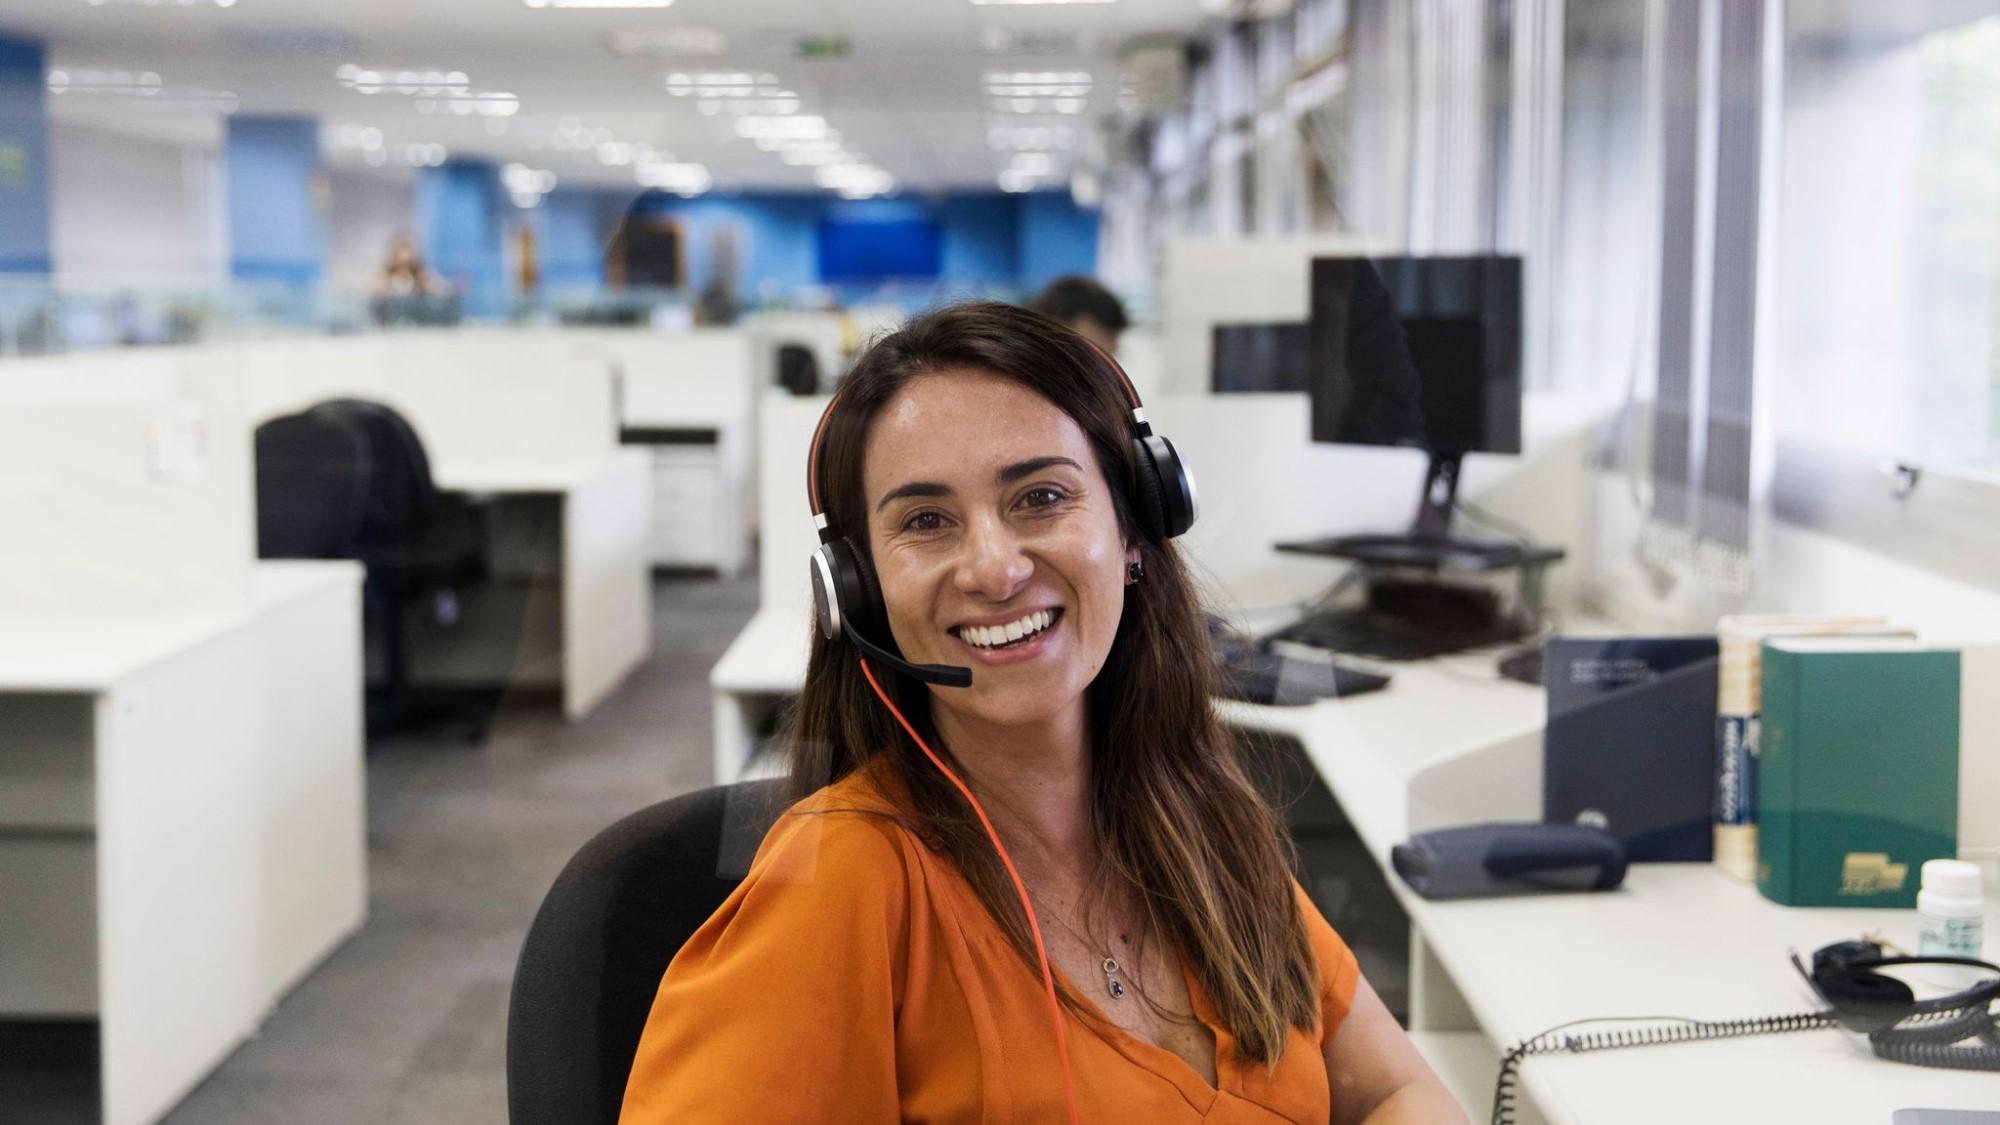 SUEZ_ANZ_header_customer_service_2000x1125